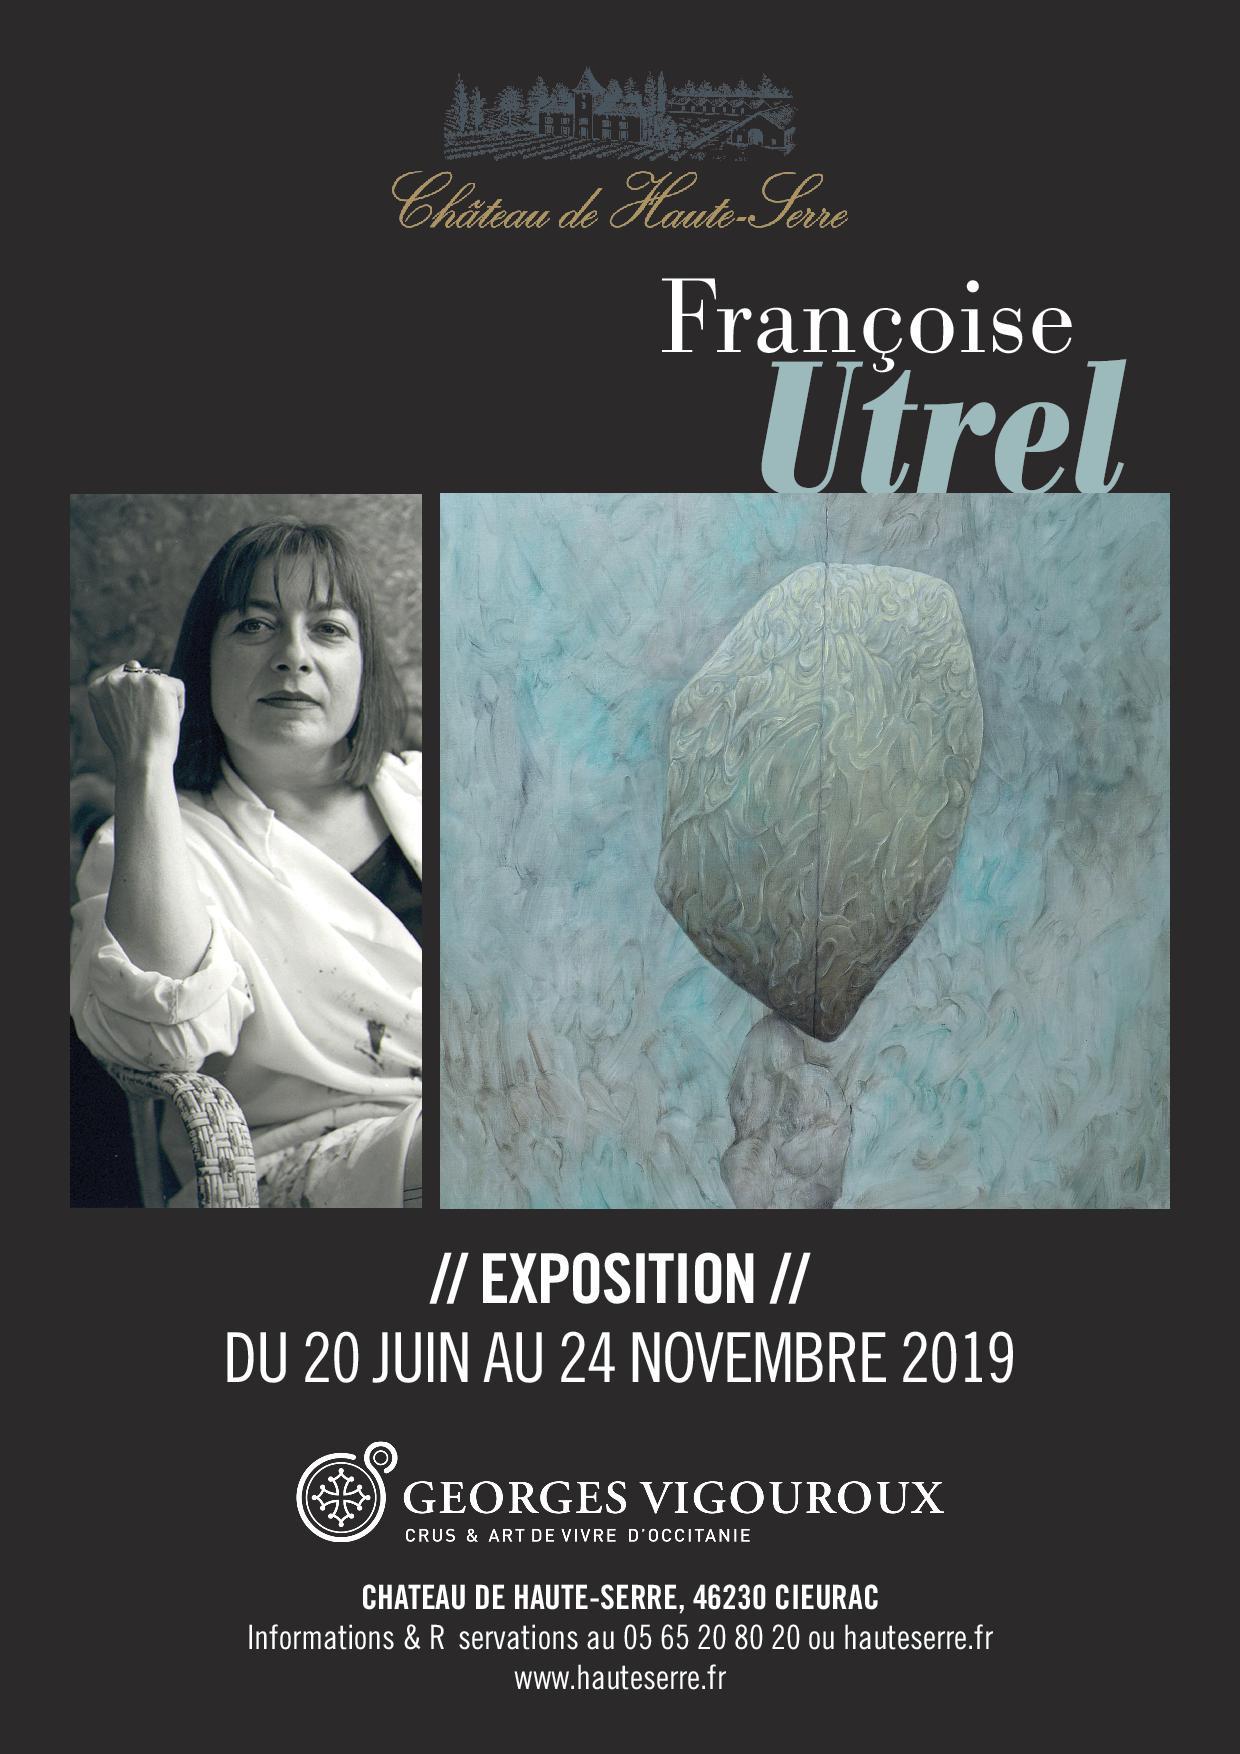 Figeac : Exposition : Françoise Utrel au Château de Haute-Serre